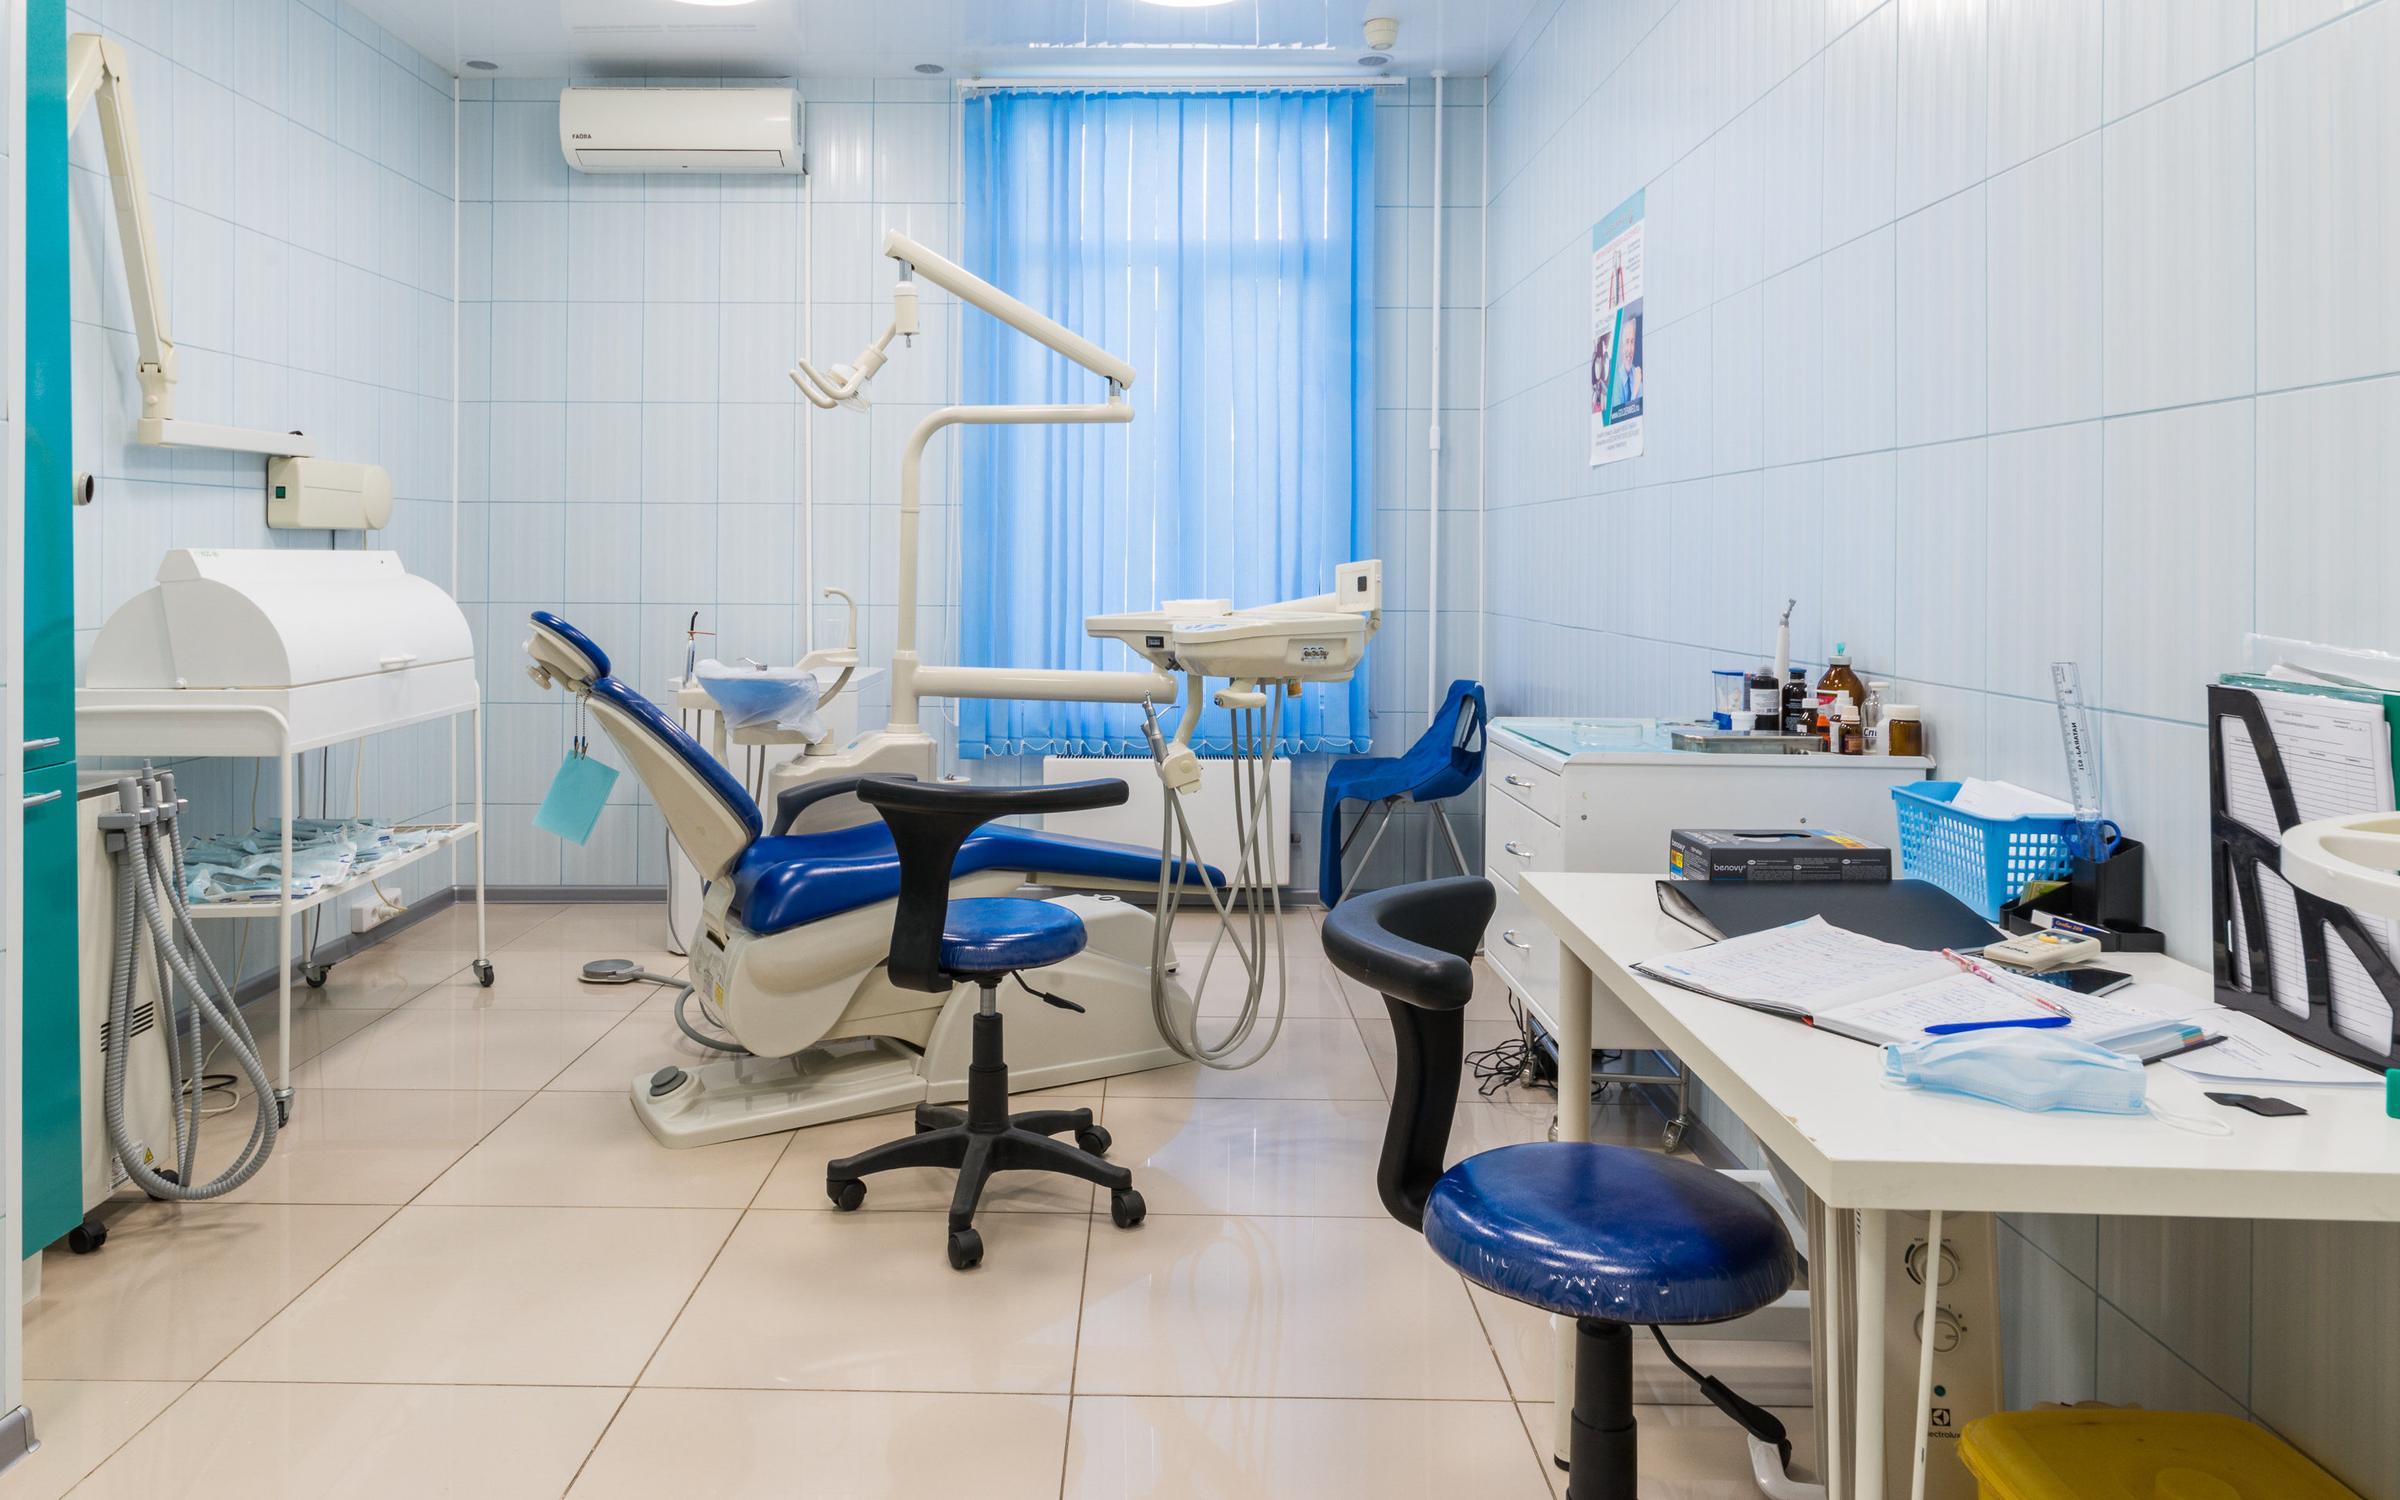 фотография Медицинской клиники GoldenMed в Подольске